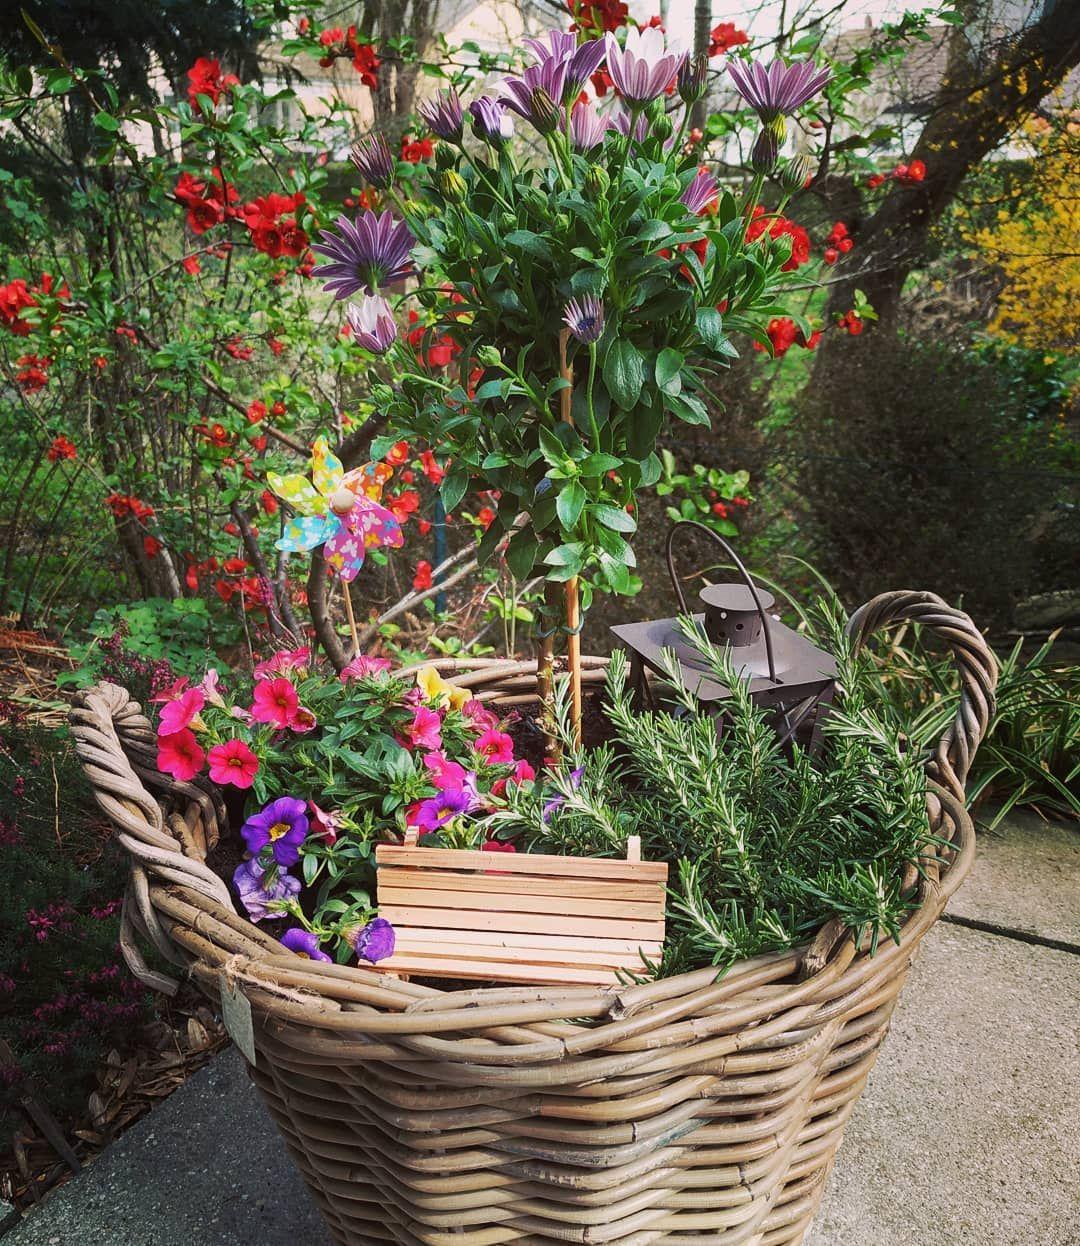 Da nun mein Schwiegerpapa seinen runden Geburtstag feiert und viel in seinem Garten werkelt…